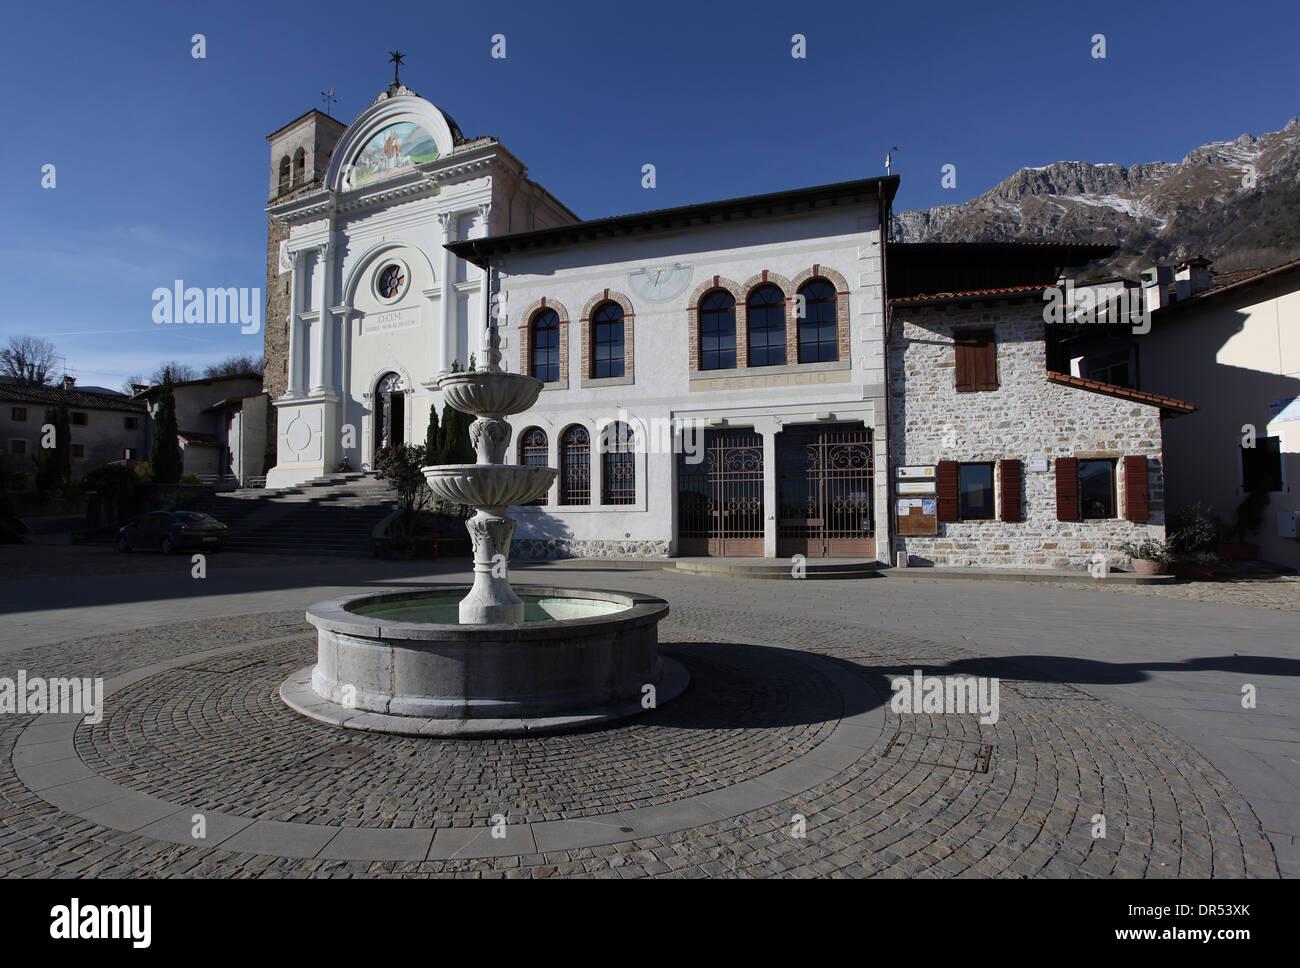 Caseificio Fontana Pietra.La Fontana Di Fronte Alla Chiesa E La Vecchia Latteria